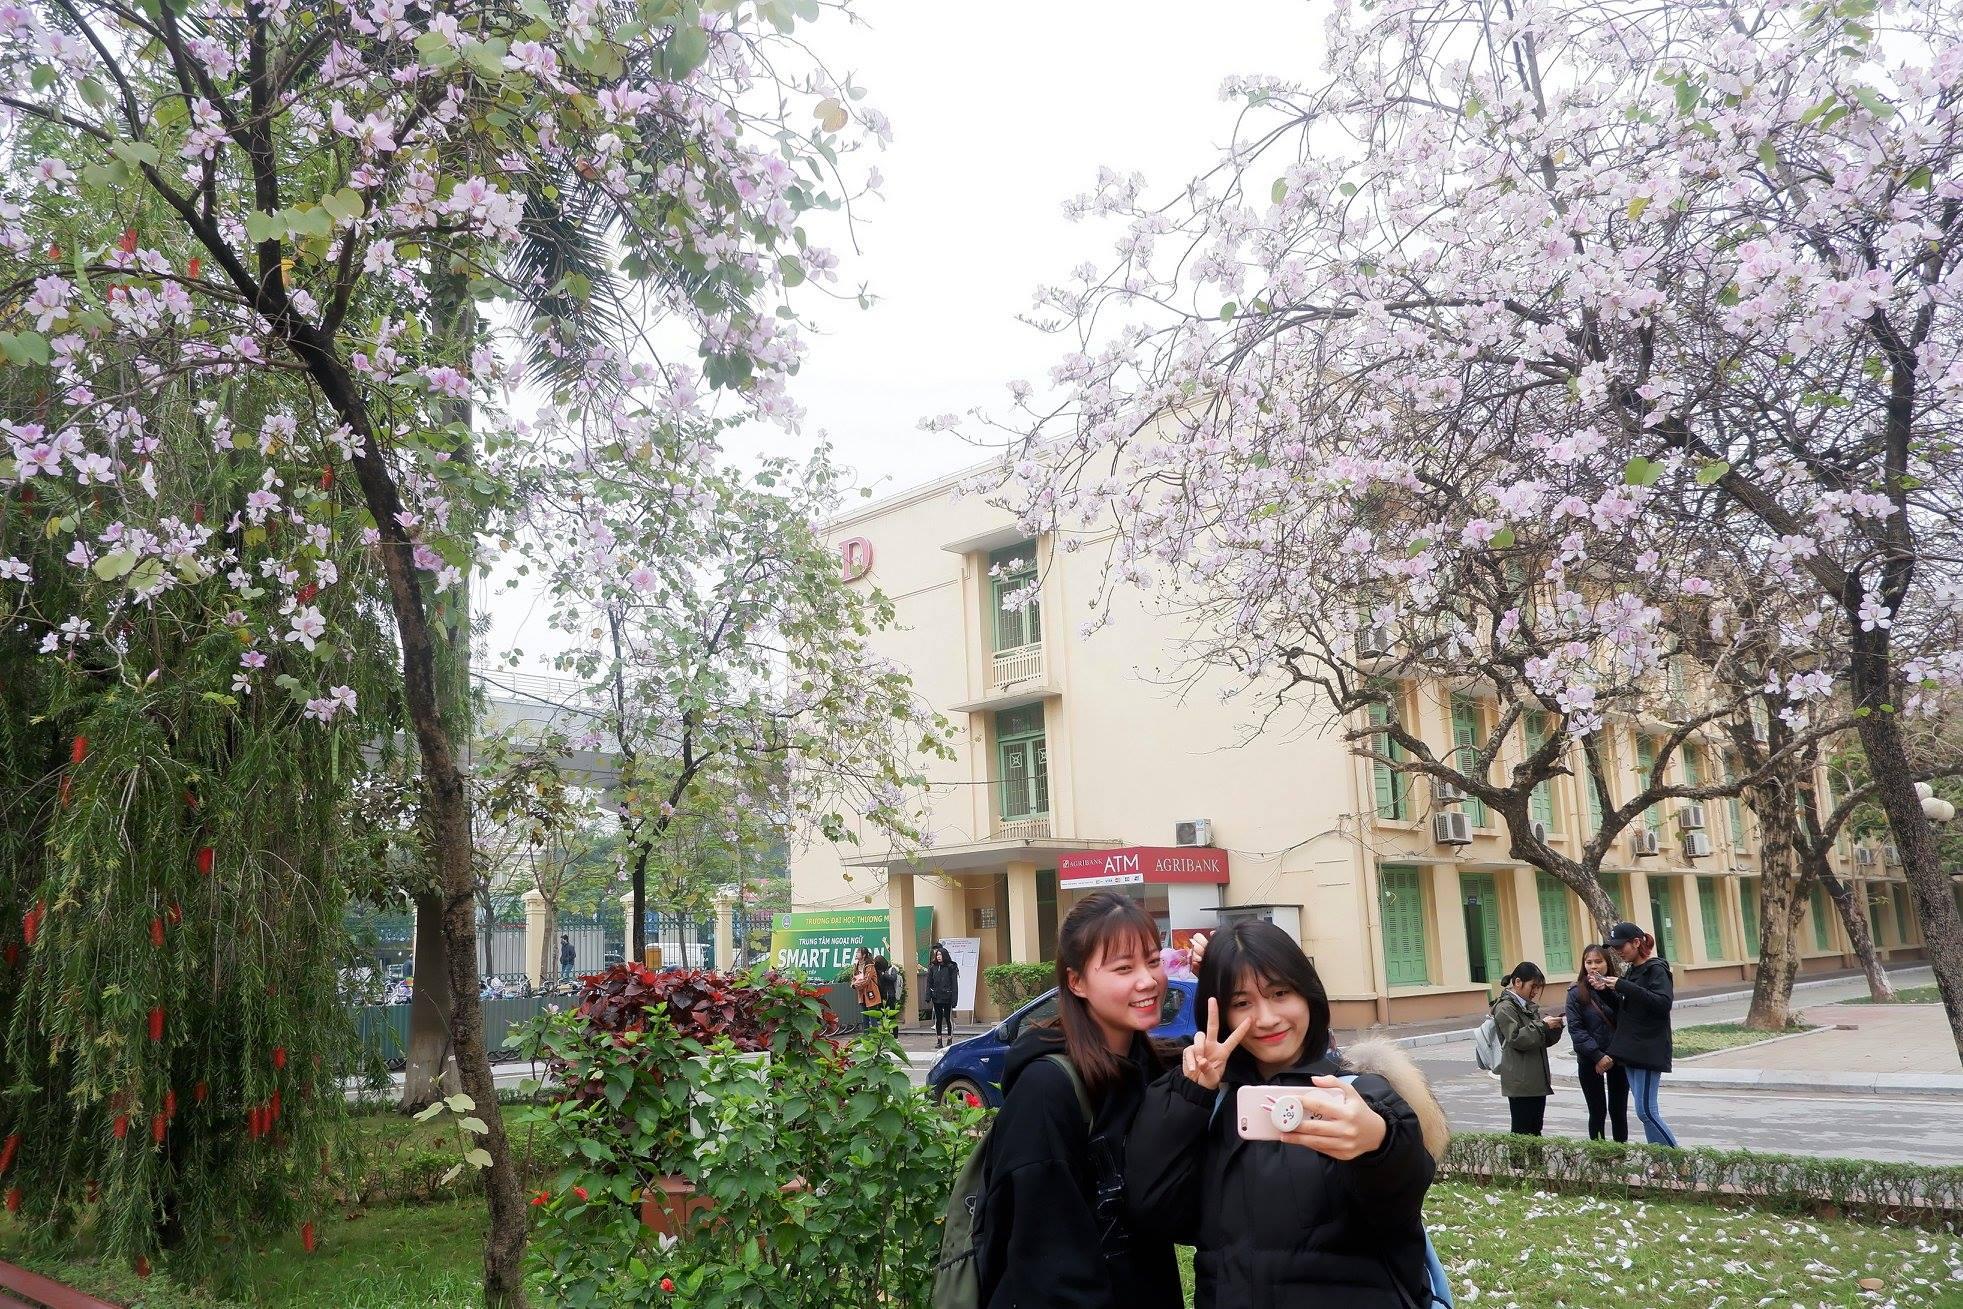 Ở Hà Nội có 1 trường đại học đẹp nhất mùa xuân, hoa ban nở rực khắp trời, nhưng sinh viên muốn ghi danh phải xác định điểm đầu vào cao ngất ngưởng - Ảnh 6.